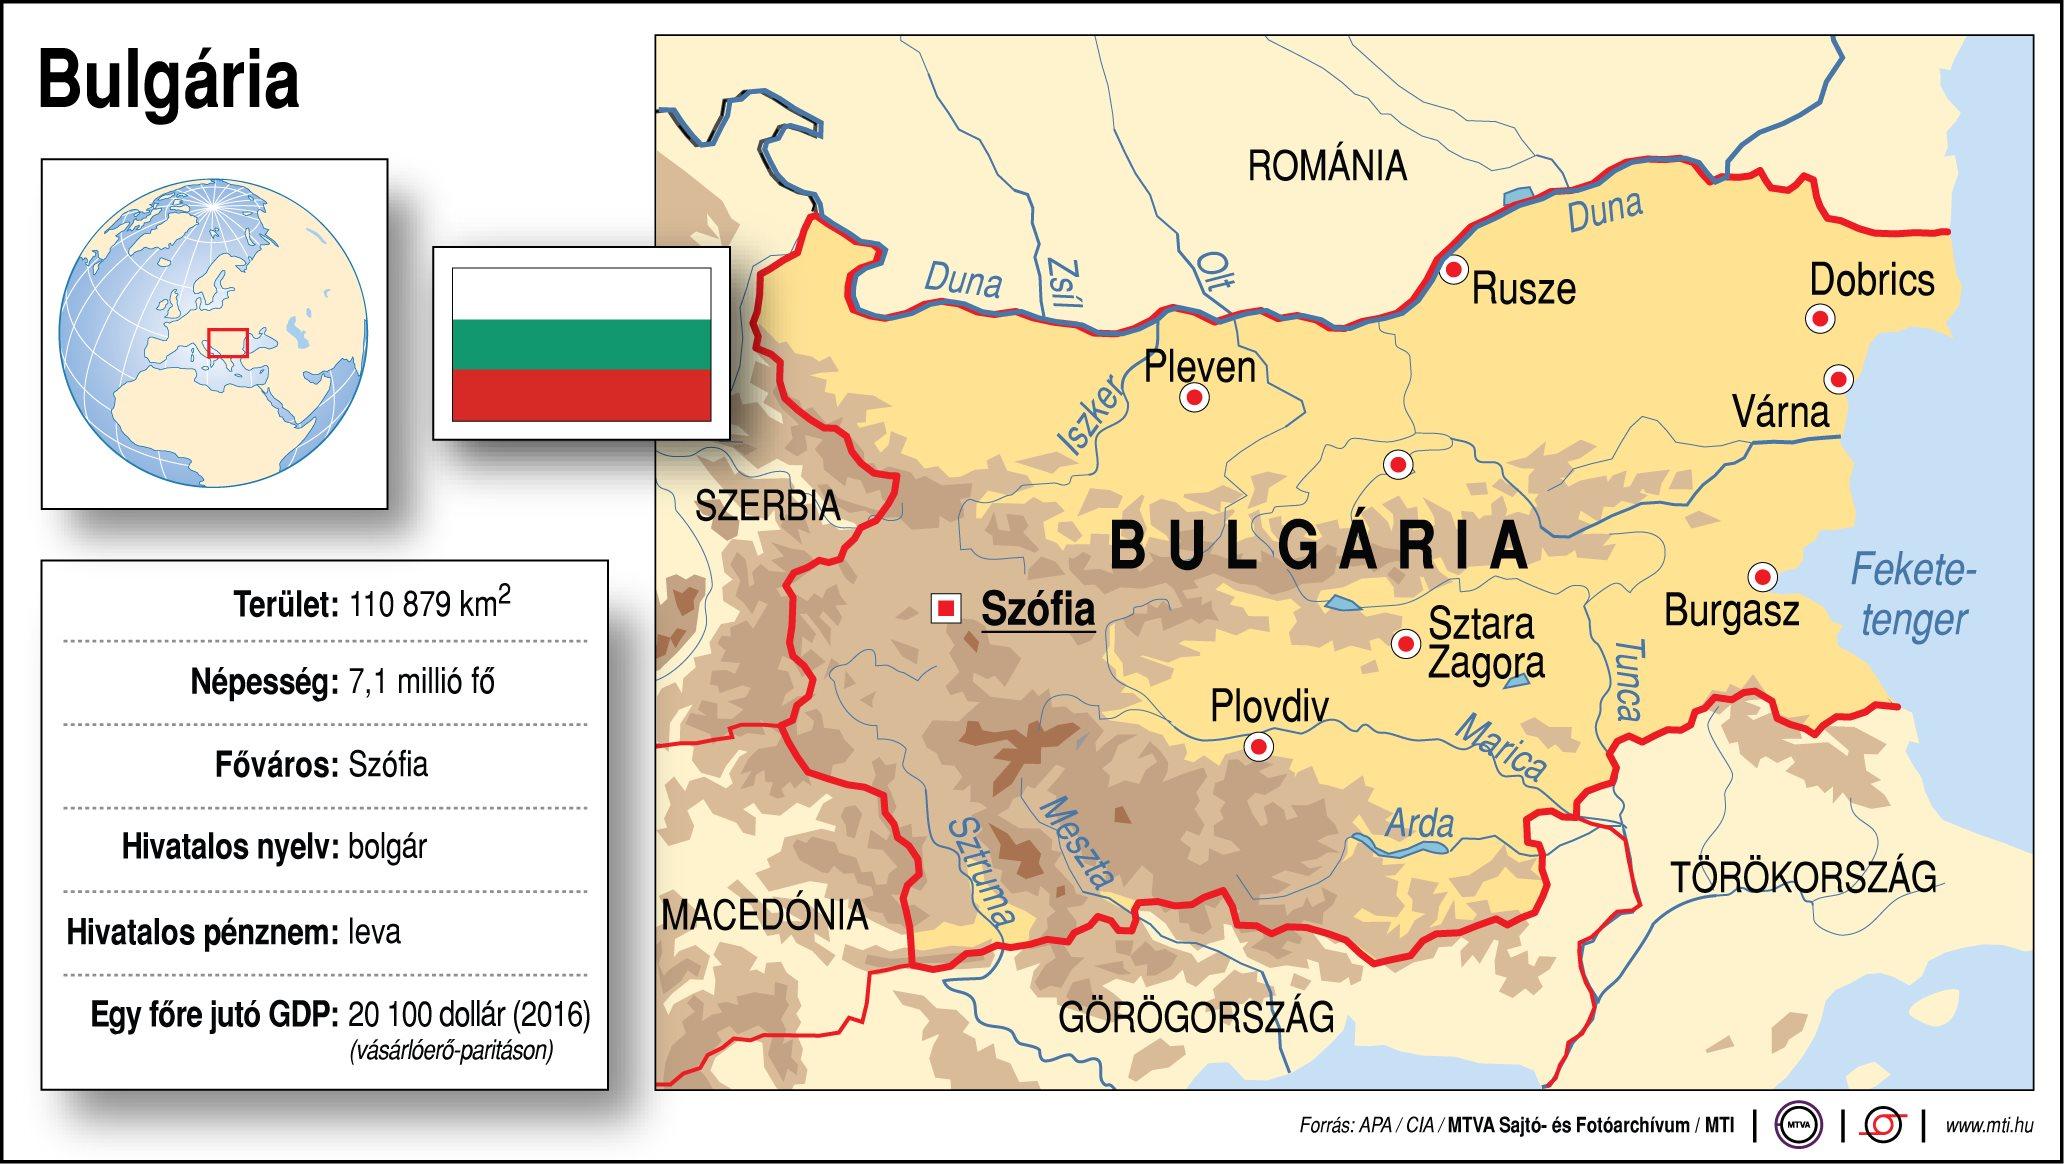 magyarország bulgária térkép Bulgária (térkép, adatok) – általánossuli.hu magyarország bulgária térkép